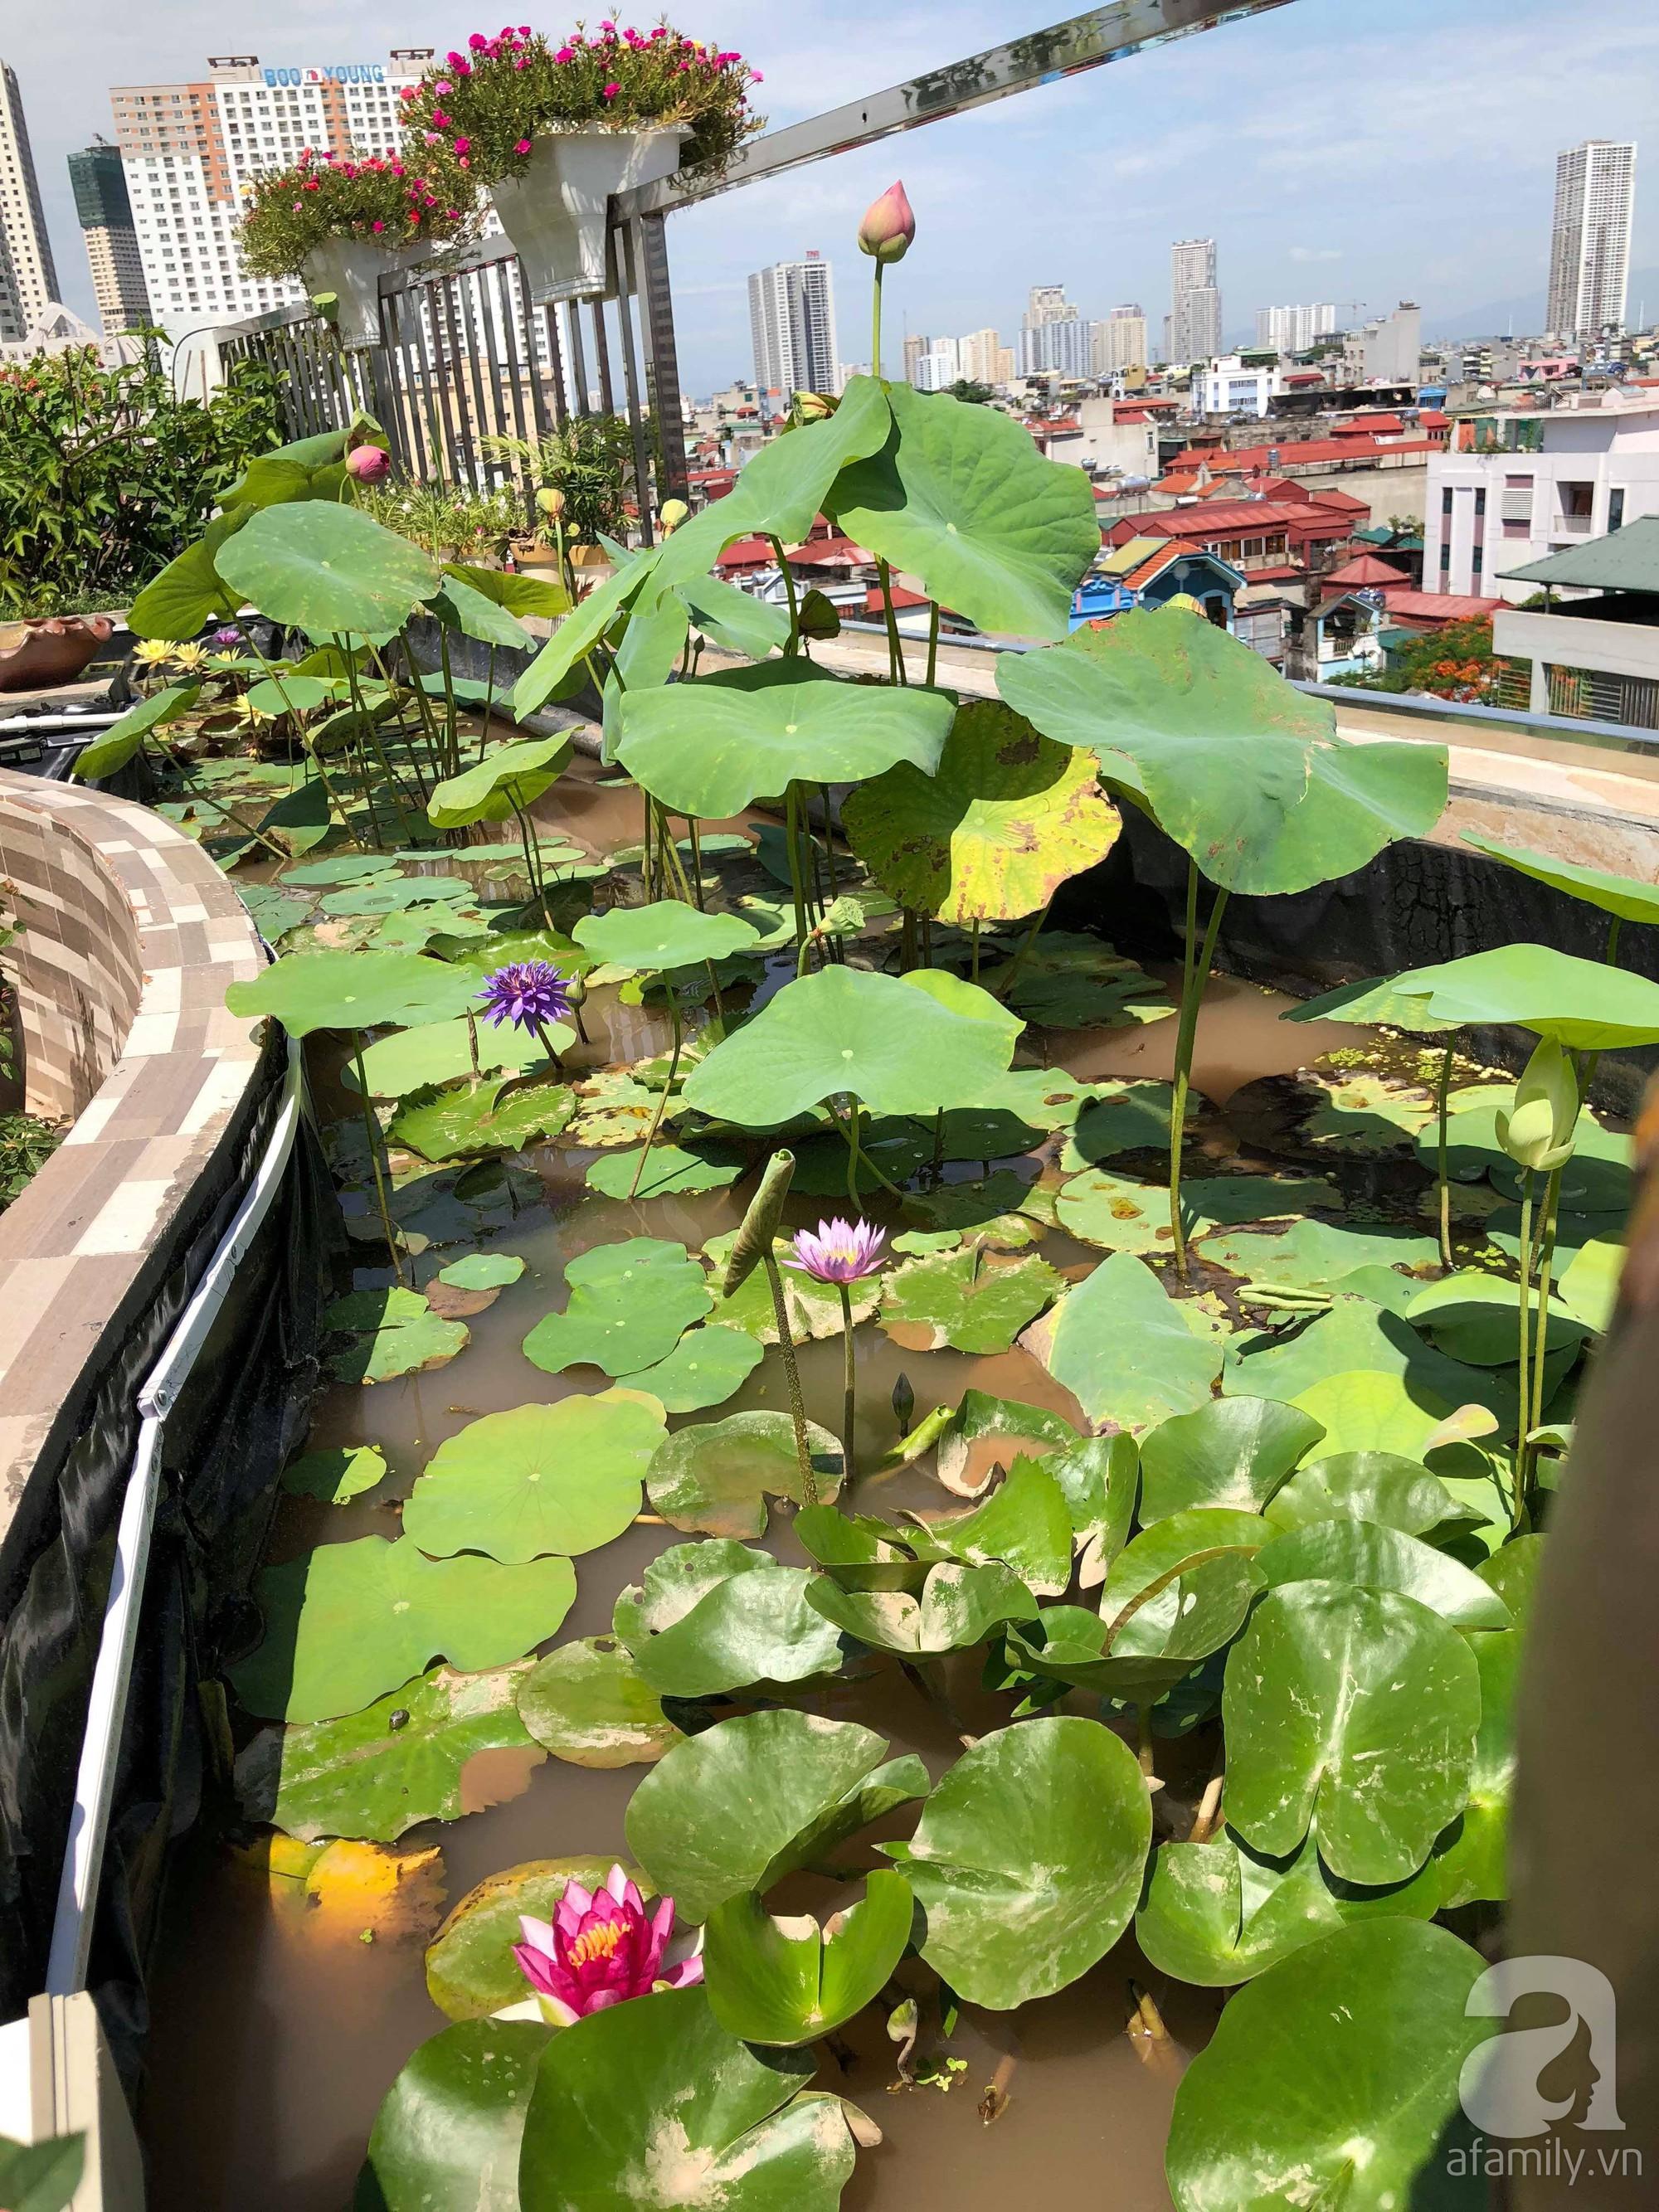 Khu vườn trên sân thượng rộng 200m² đẹp ngỡ ngàng với trăm loài hoa đua nhau khoe sắc ở Hà Nội - 24